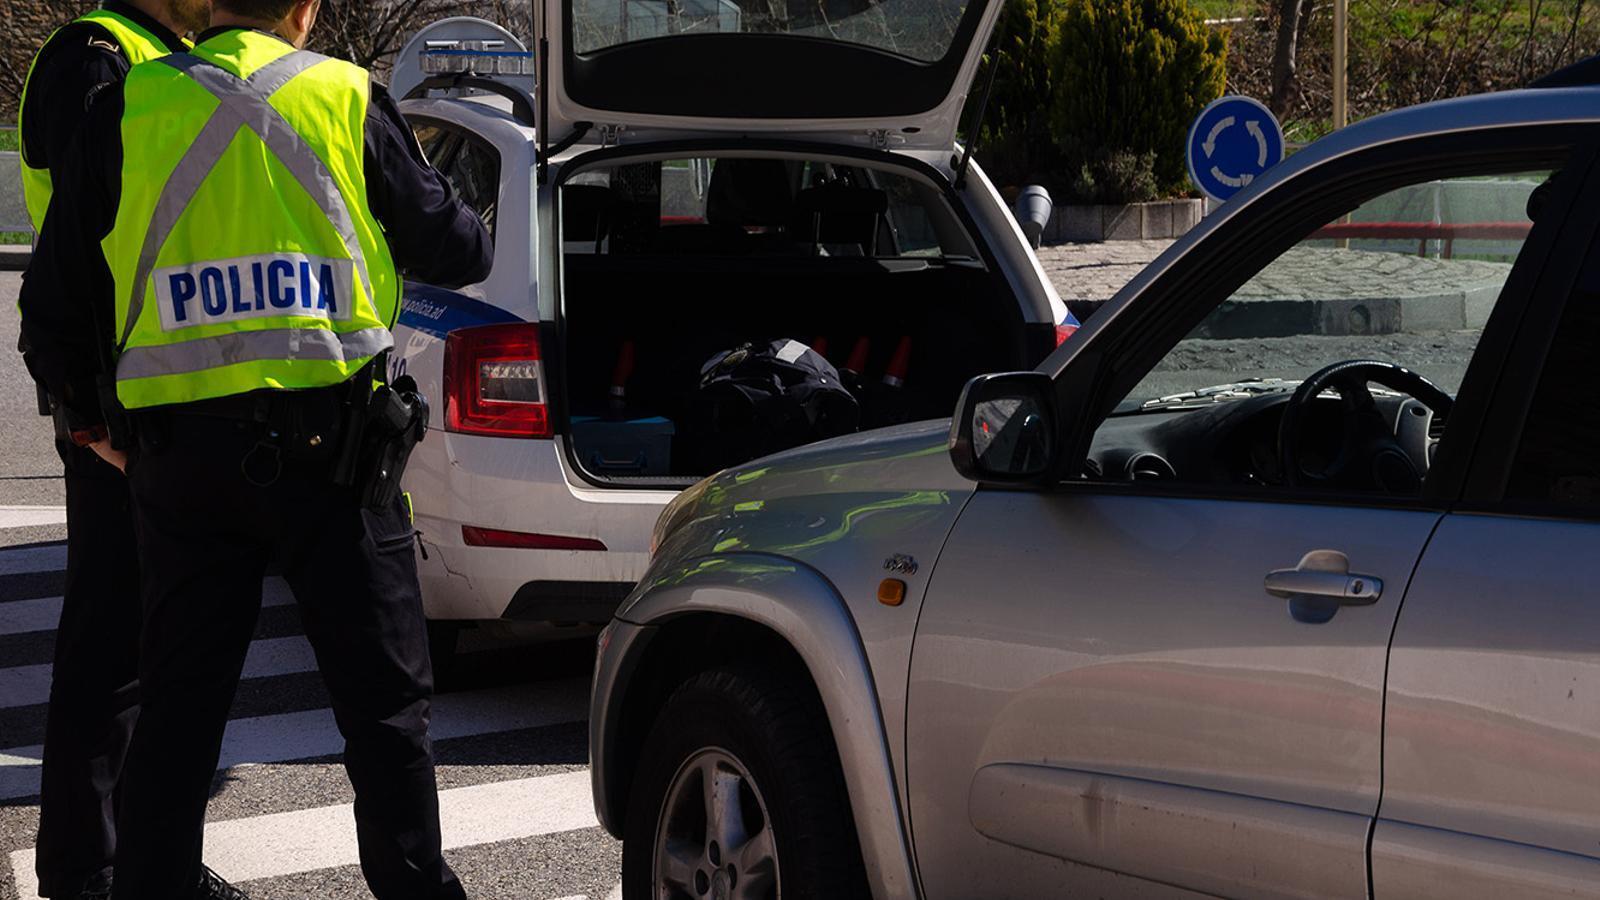 Dos agents de la policia durant un control. / ARXIU ANA